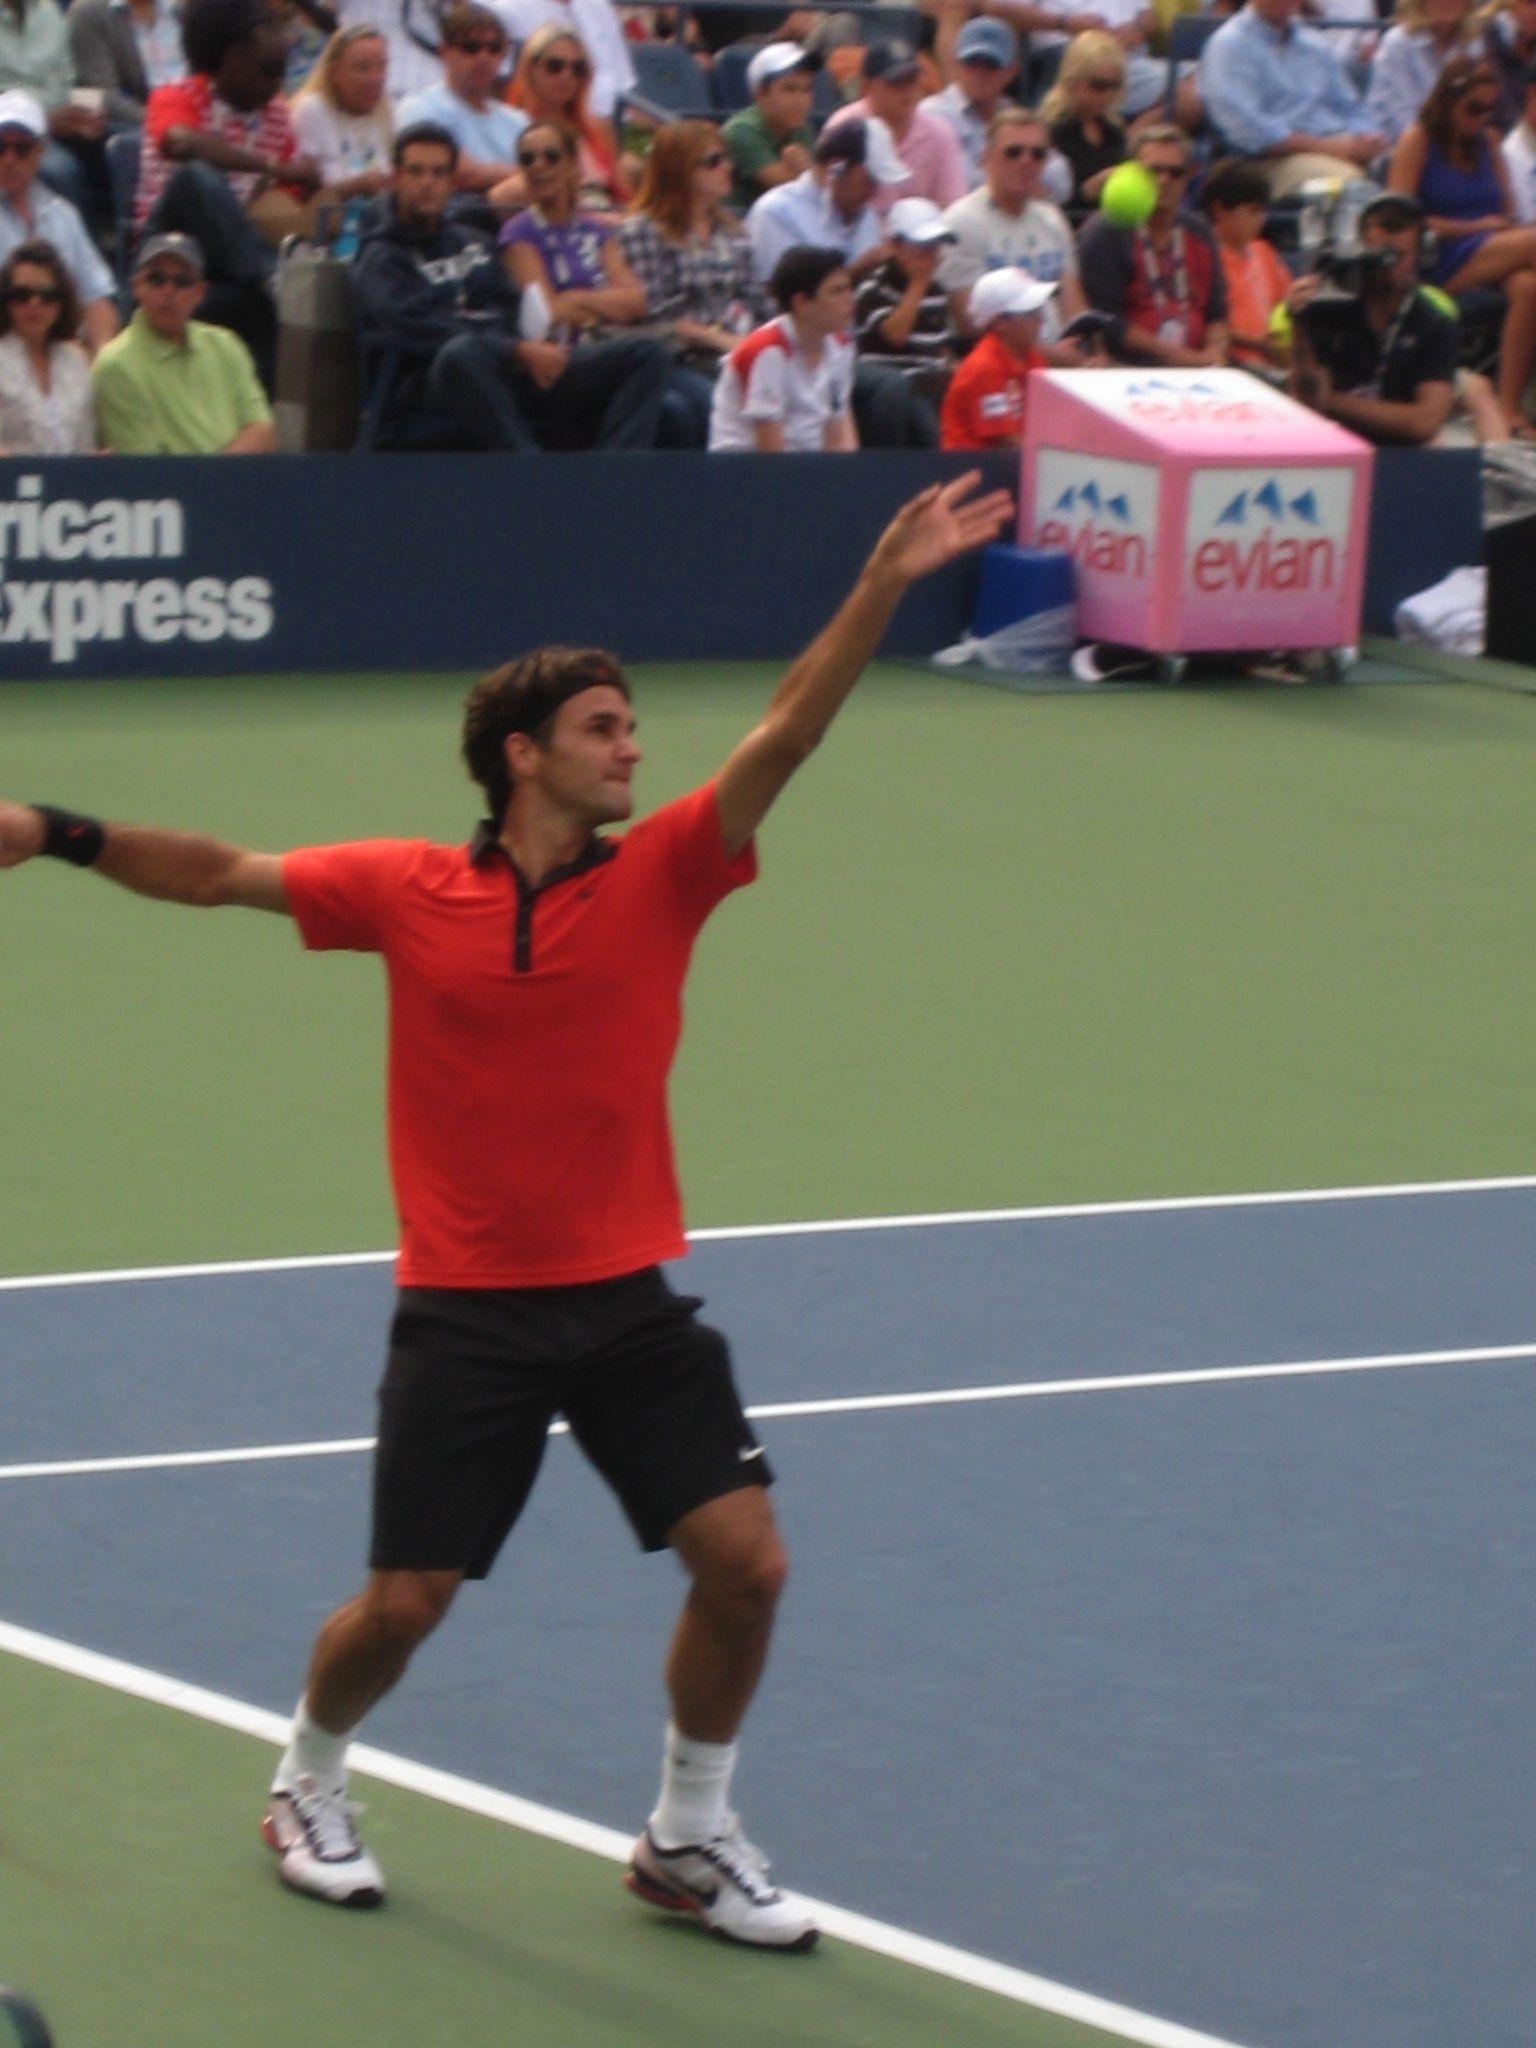 Roger Federer At Us Open Tennis Championship Roger Federer Su Majestad